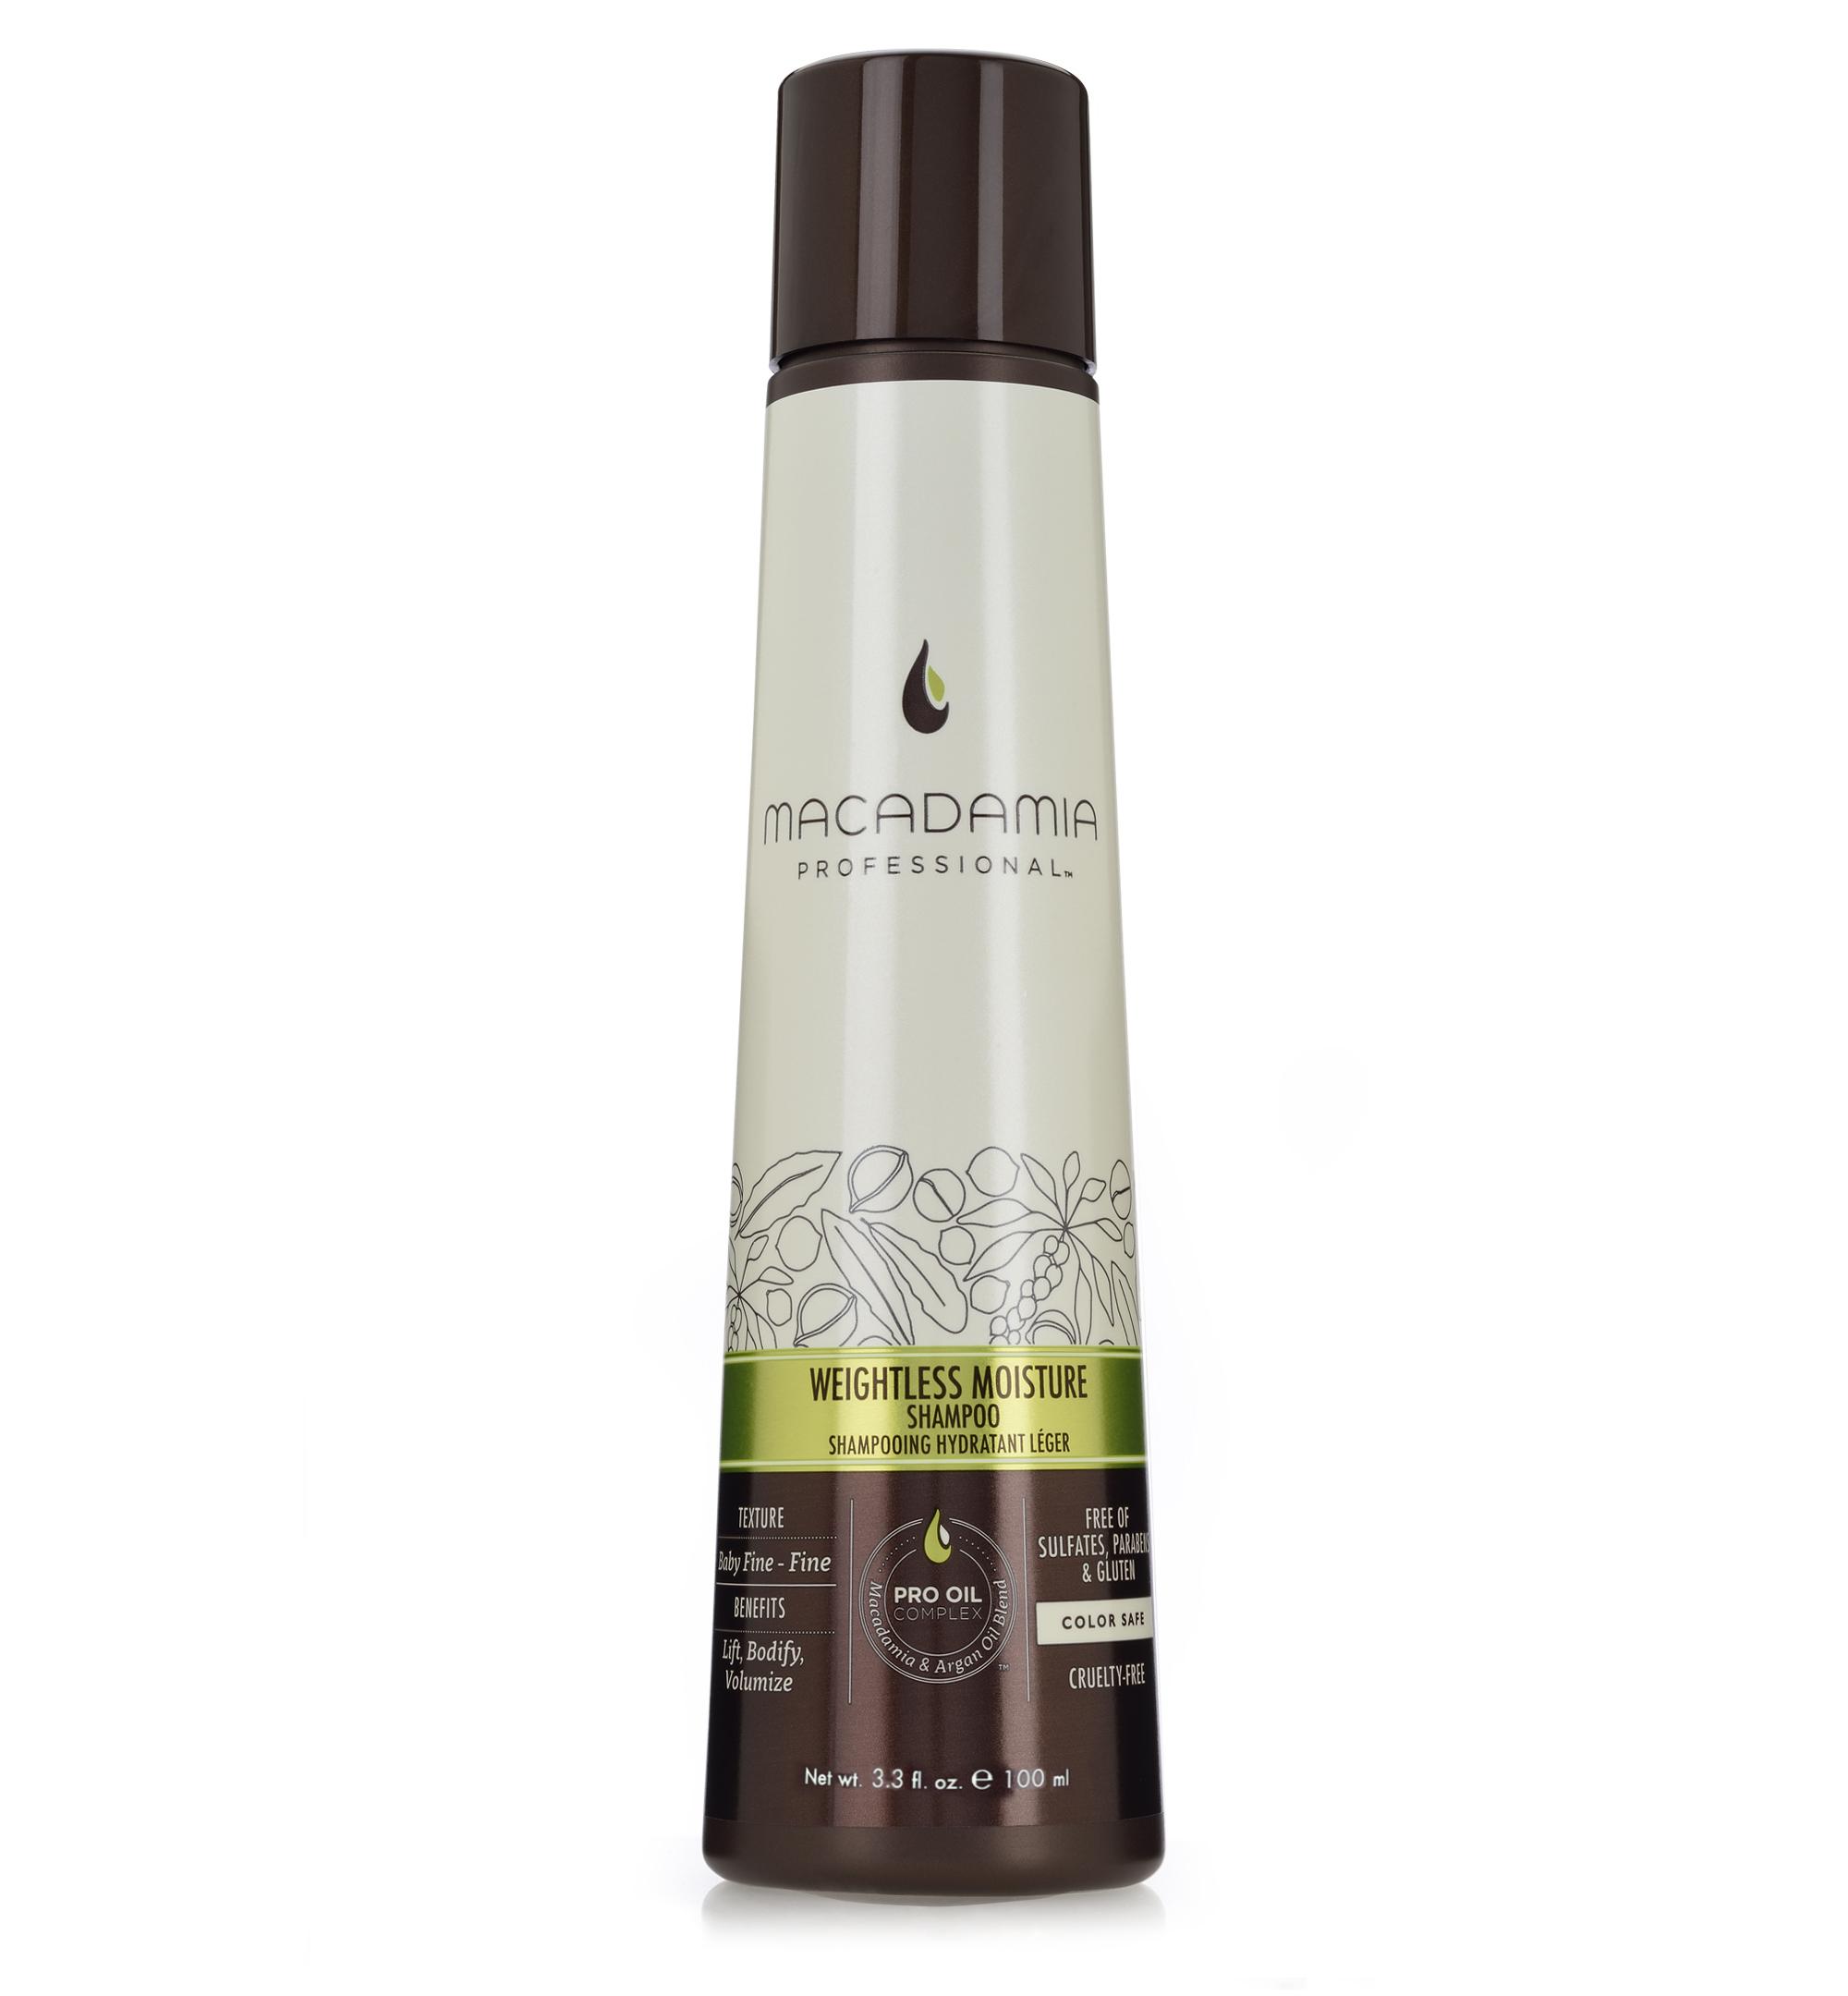 Macadamia Professional Шампунь увлажняющий для тонких волос,100 мл